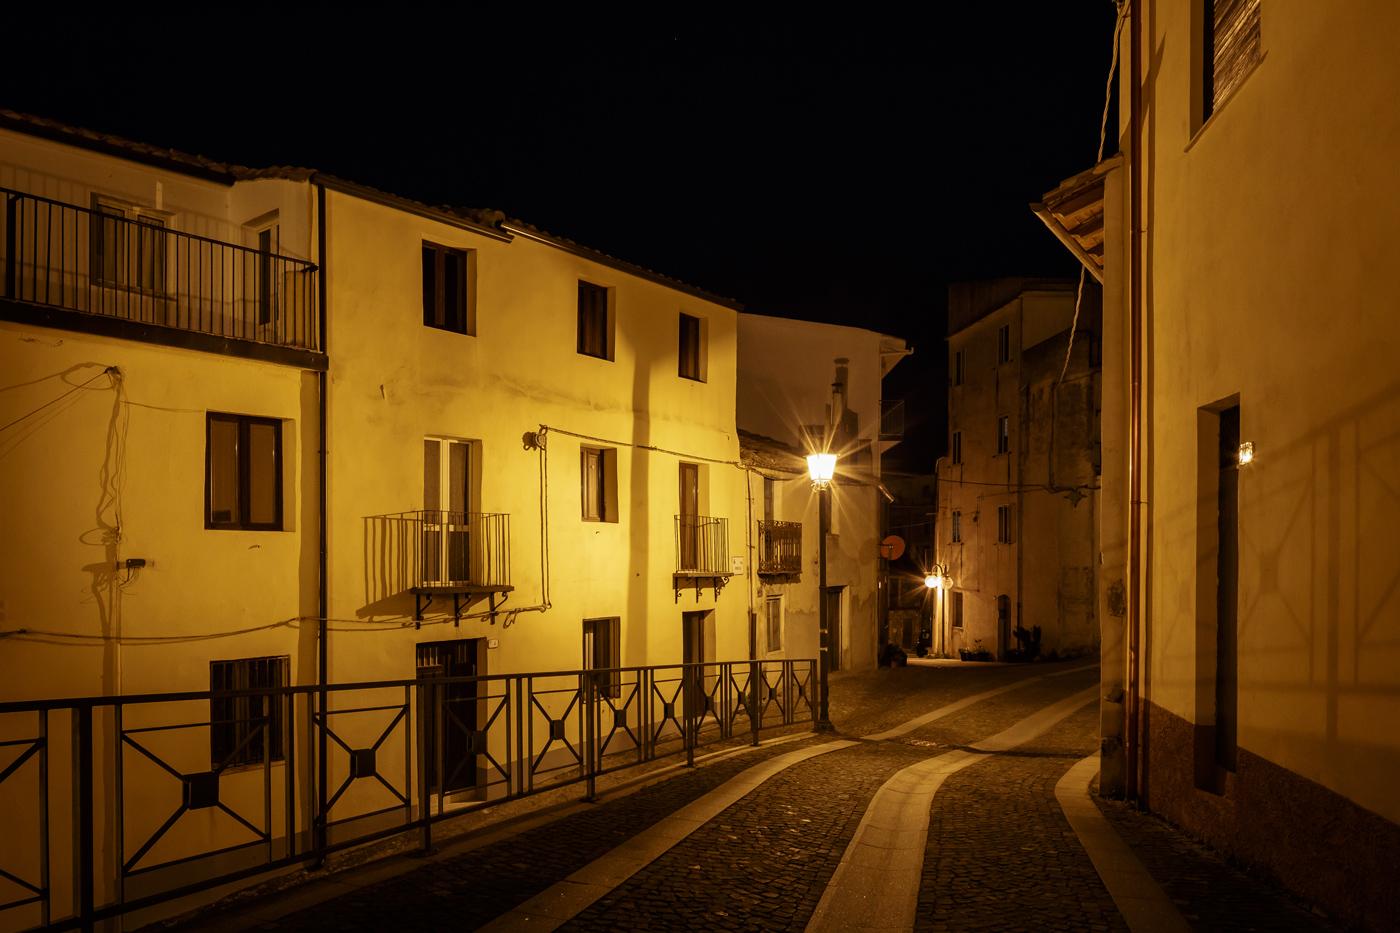 B&B Gennarcu. Scorci di Ussassai di notte, Sardegna